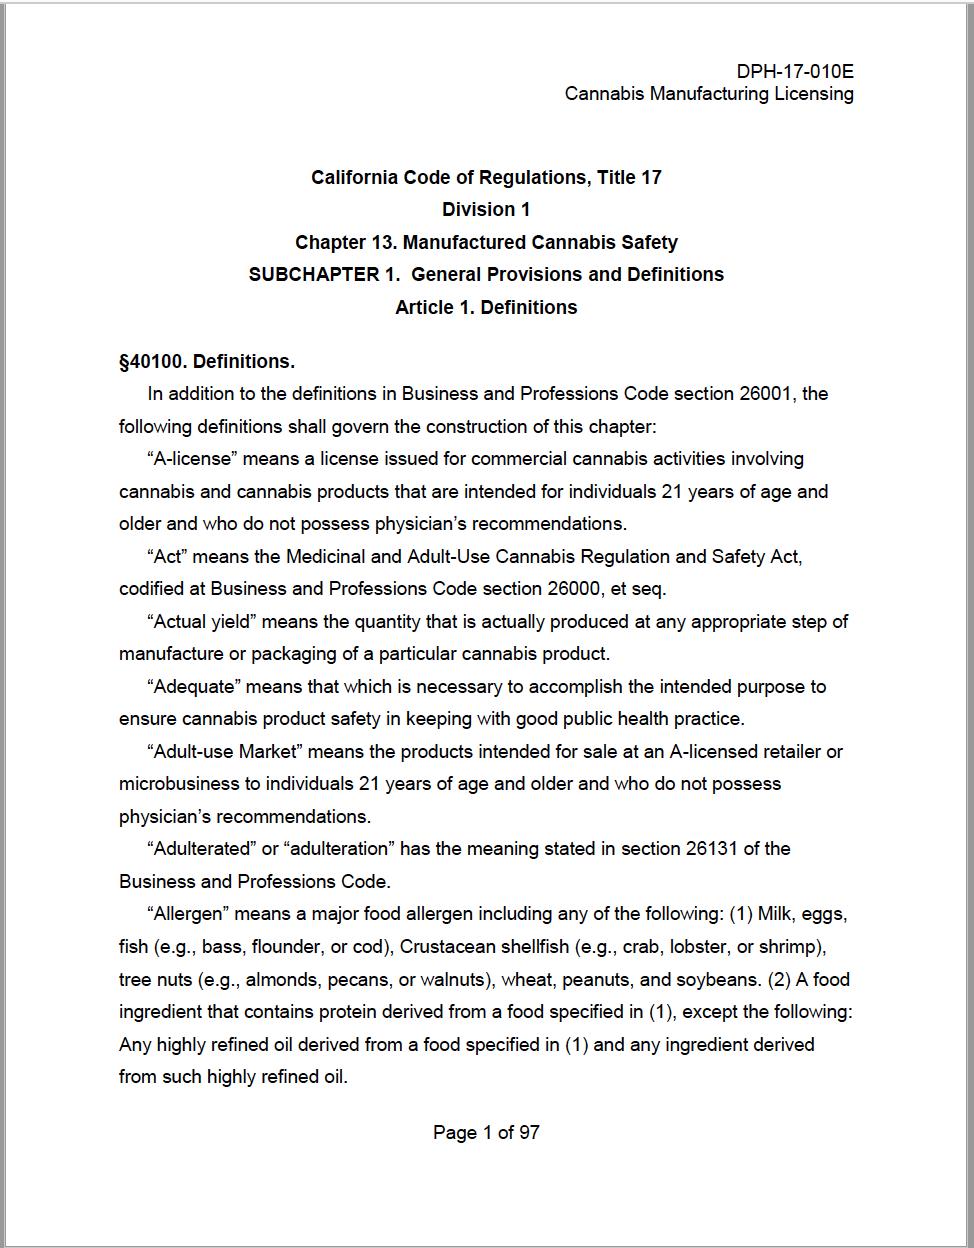 Cal Code of Regulations.png